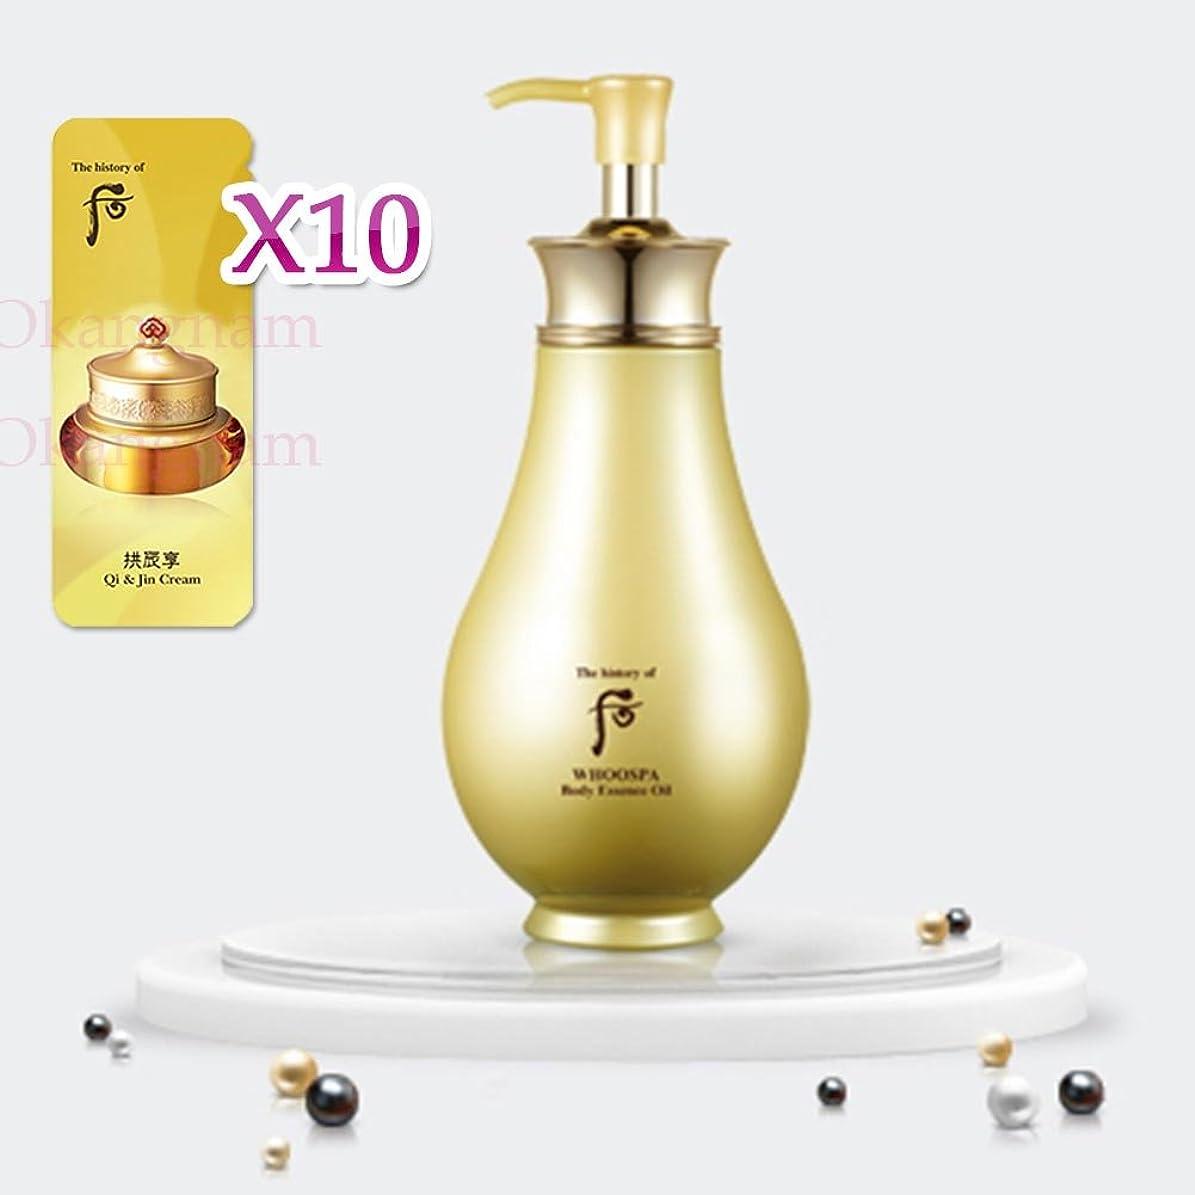 自発バルセロナ願う【フー/The history of whoo] Whoo后SPA03 Whoo Spa Body Essence Oil/后(フー)フス派ボディエッセンスオイル + [Sample Gift](海外直送品)